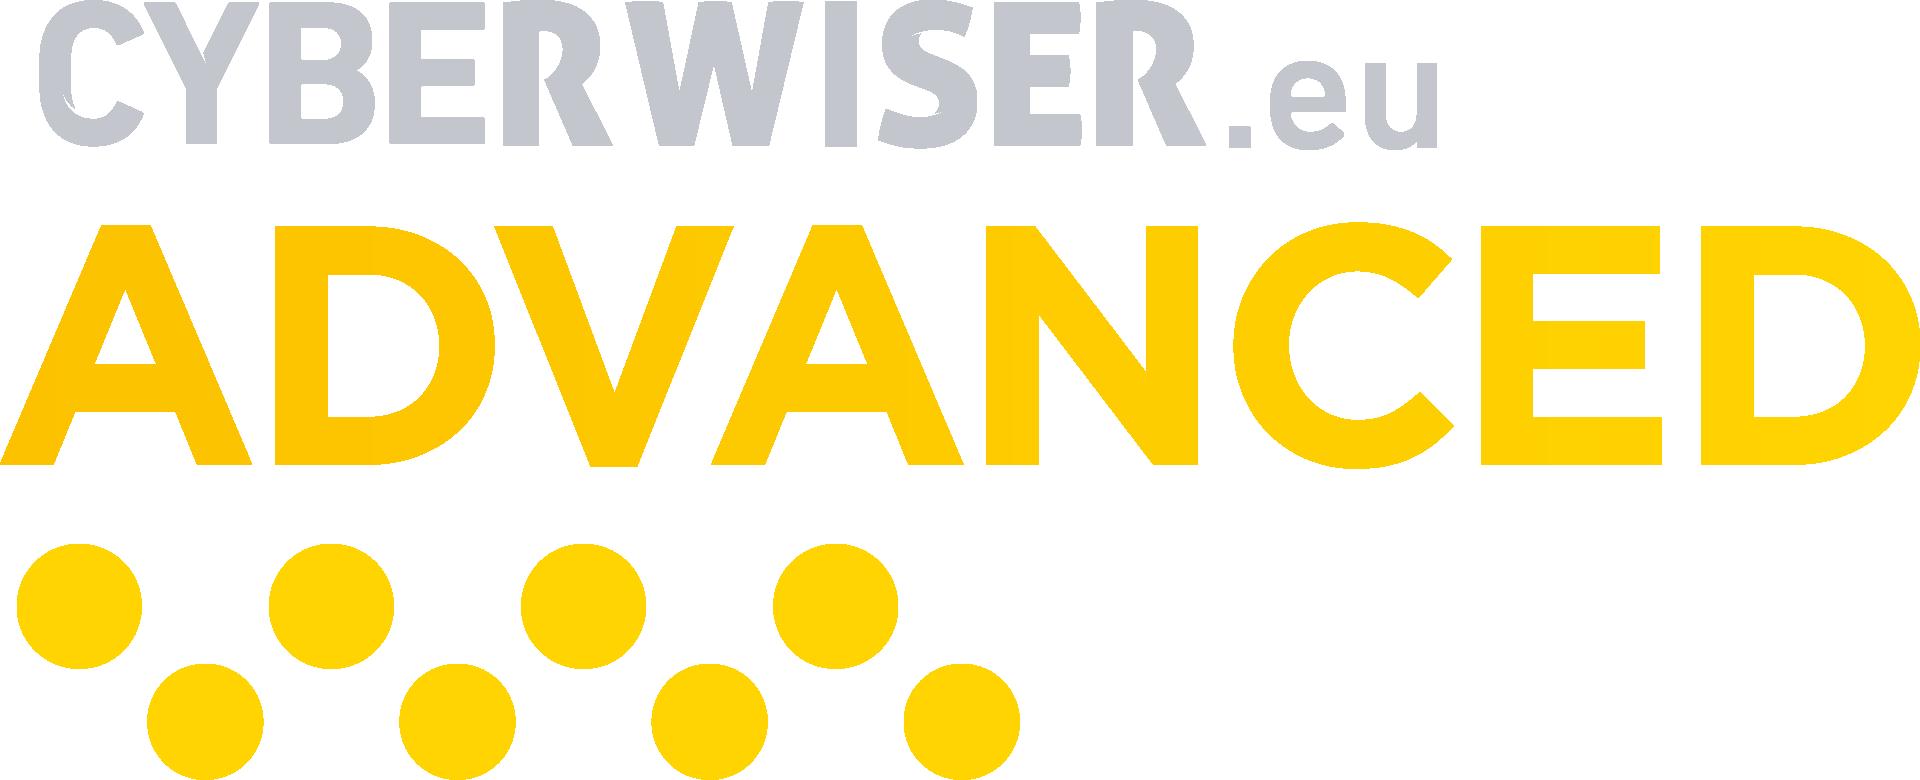 CYBERWISER.eu Advanced